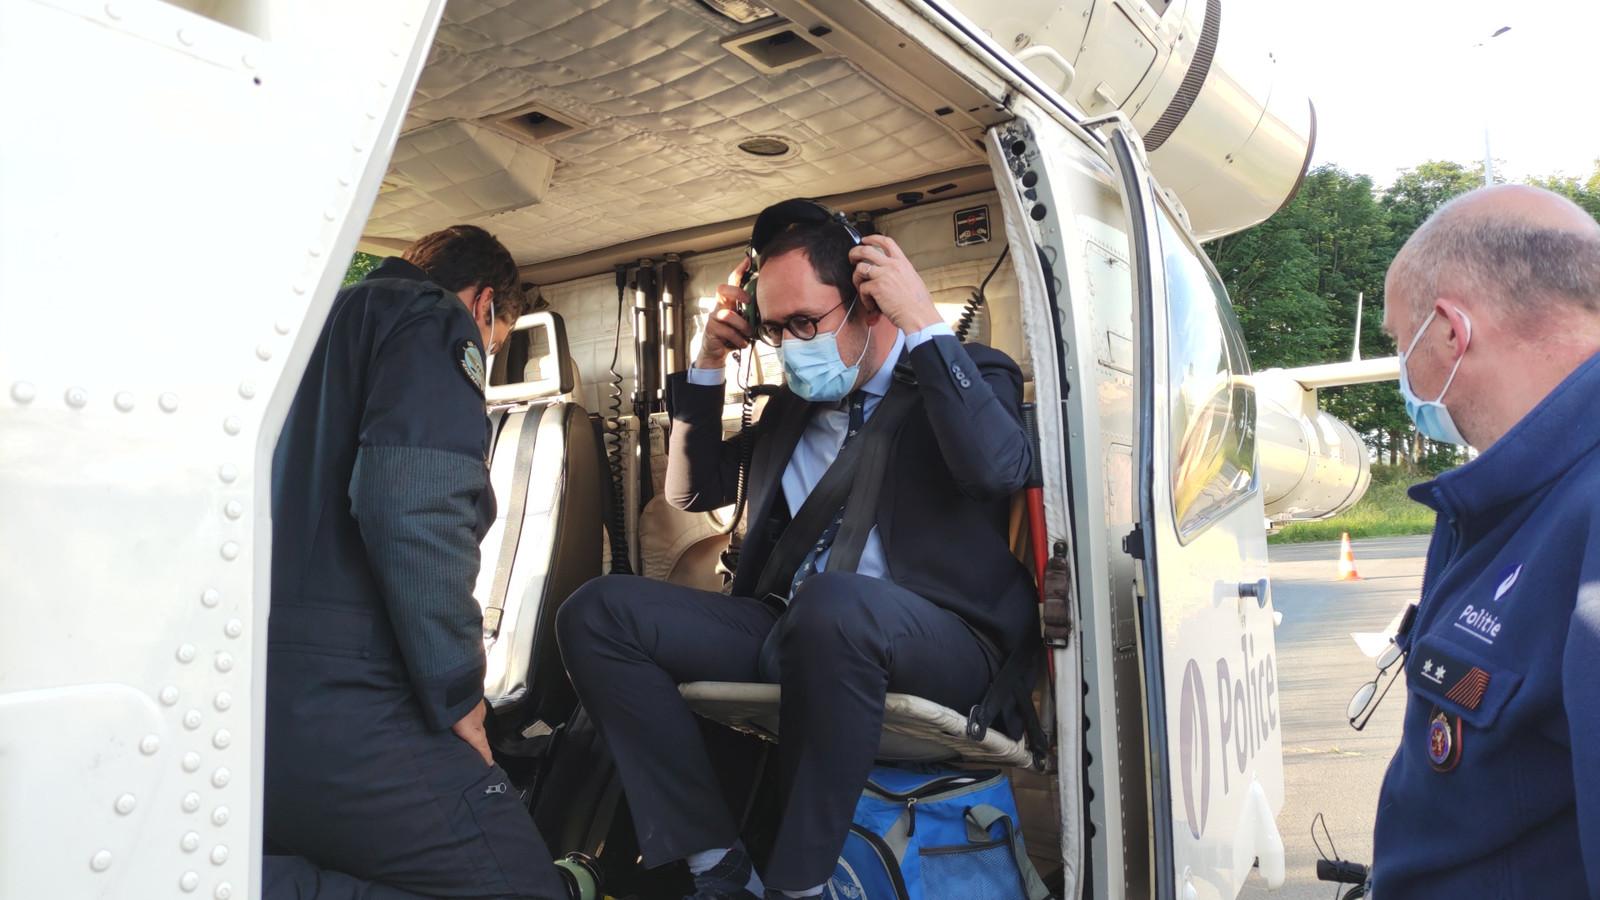 Minister van Justitie Vincent Van Quickenborne volgde de actie ook mee vanuit de lucht met een helikopter.